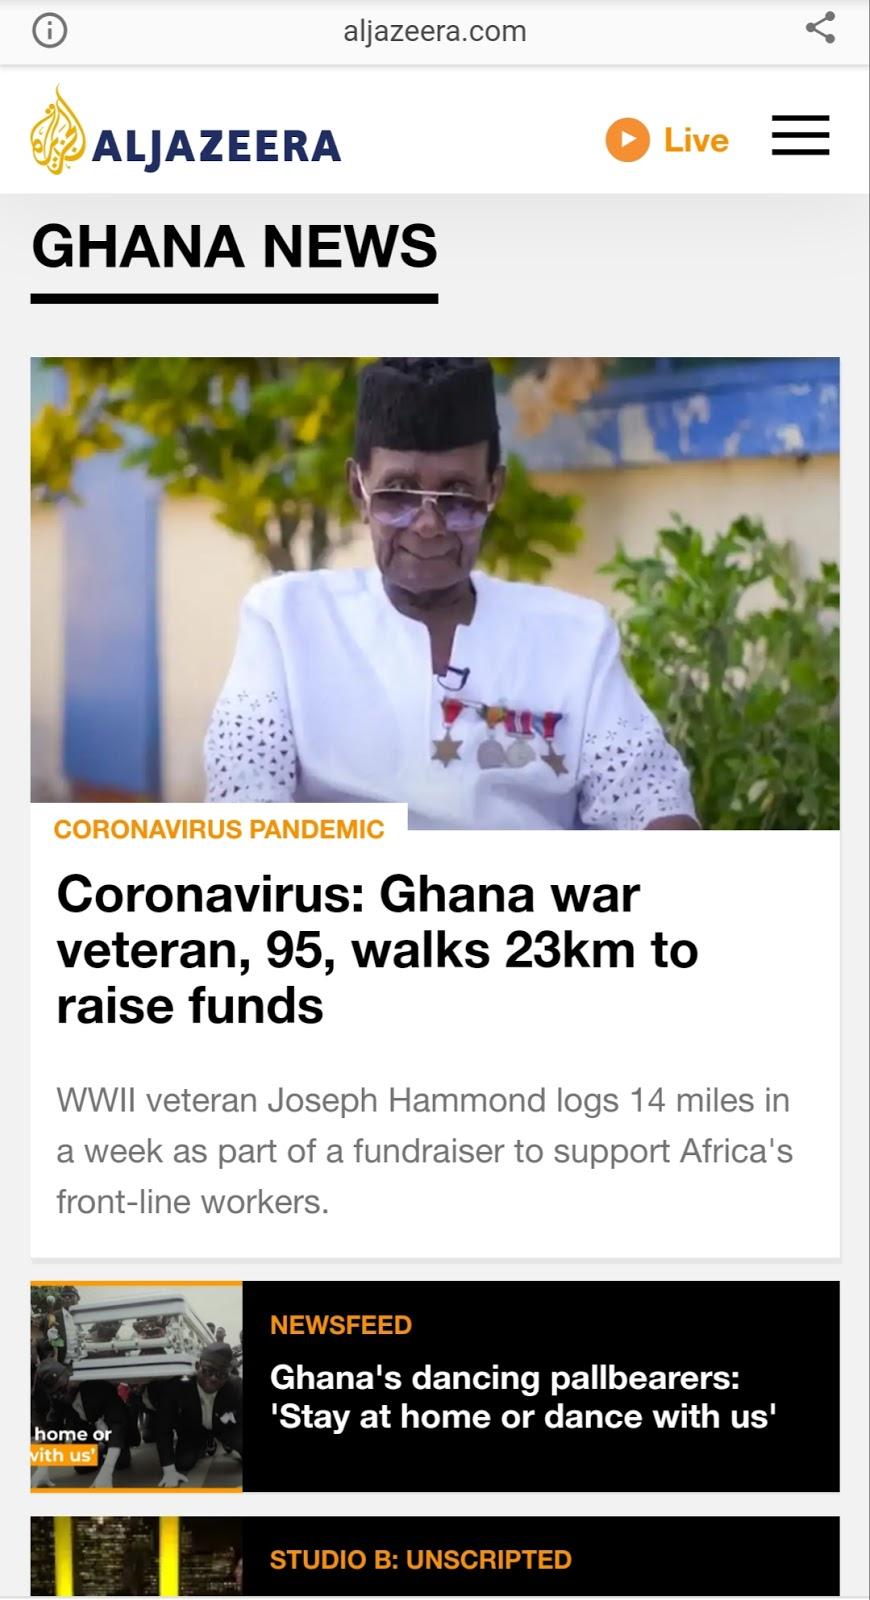 Snippet of Al-Jazeera AMP news